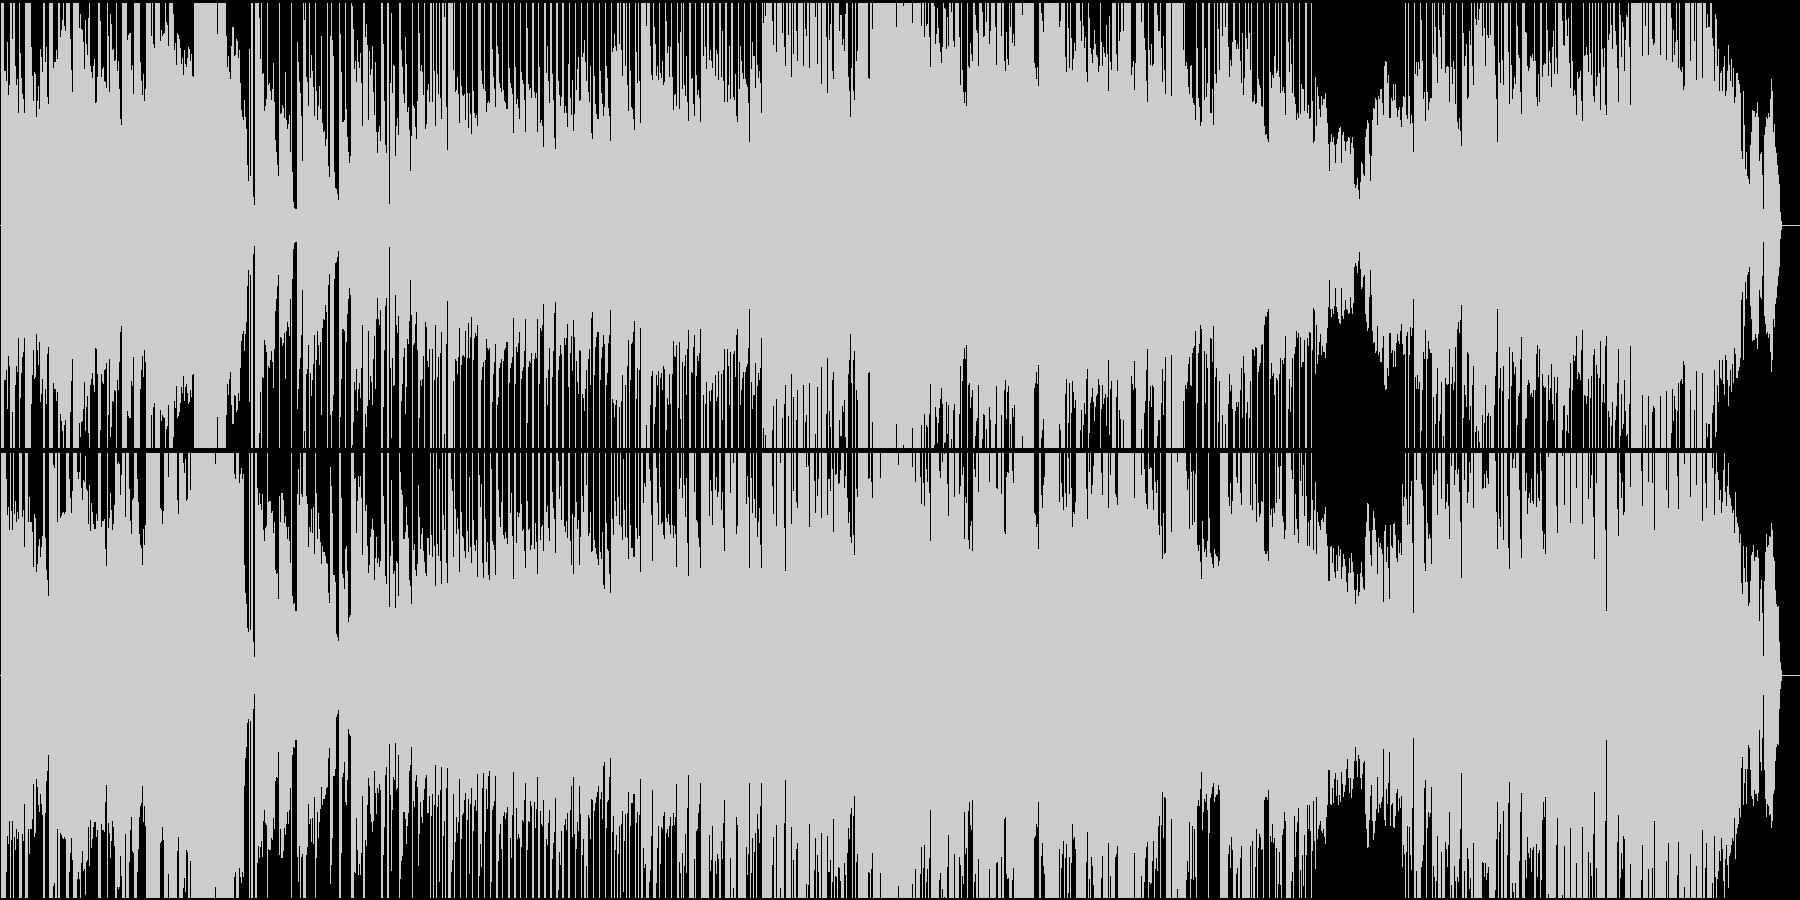 コミカルだけど真面目なポップロックの未再生の波形